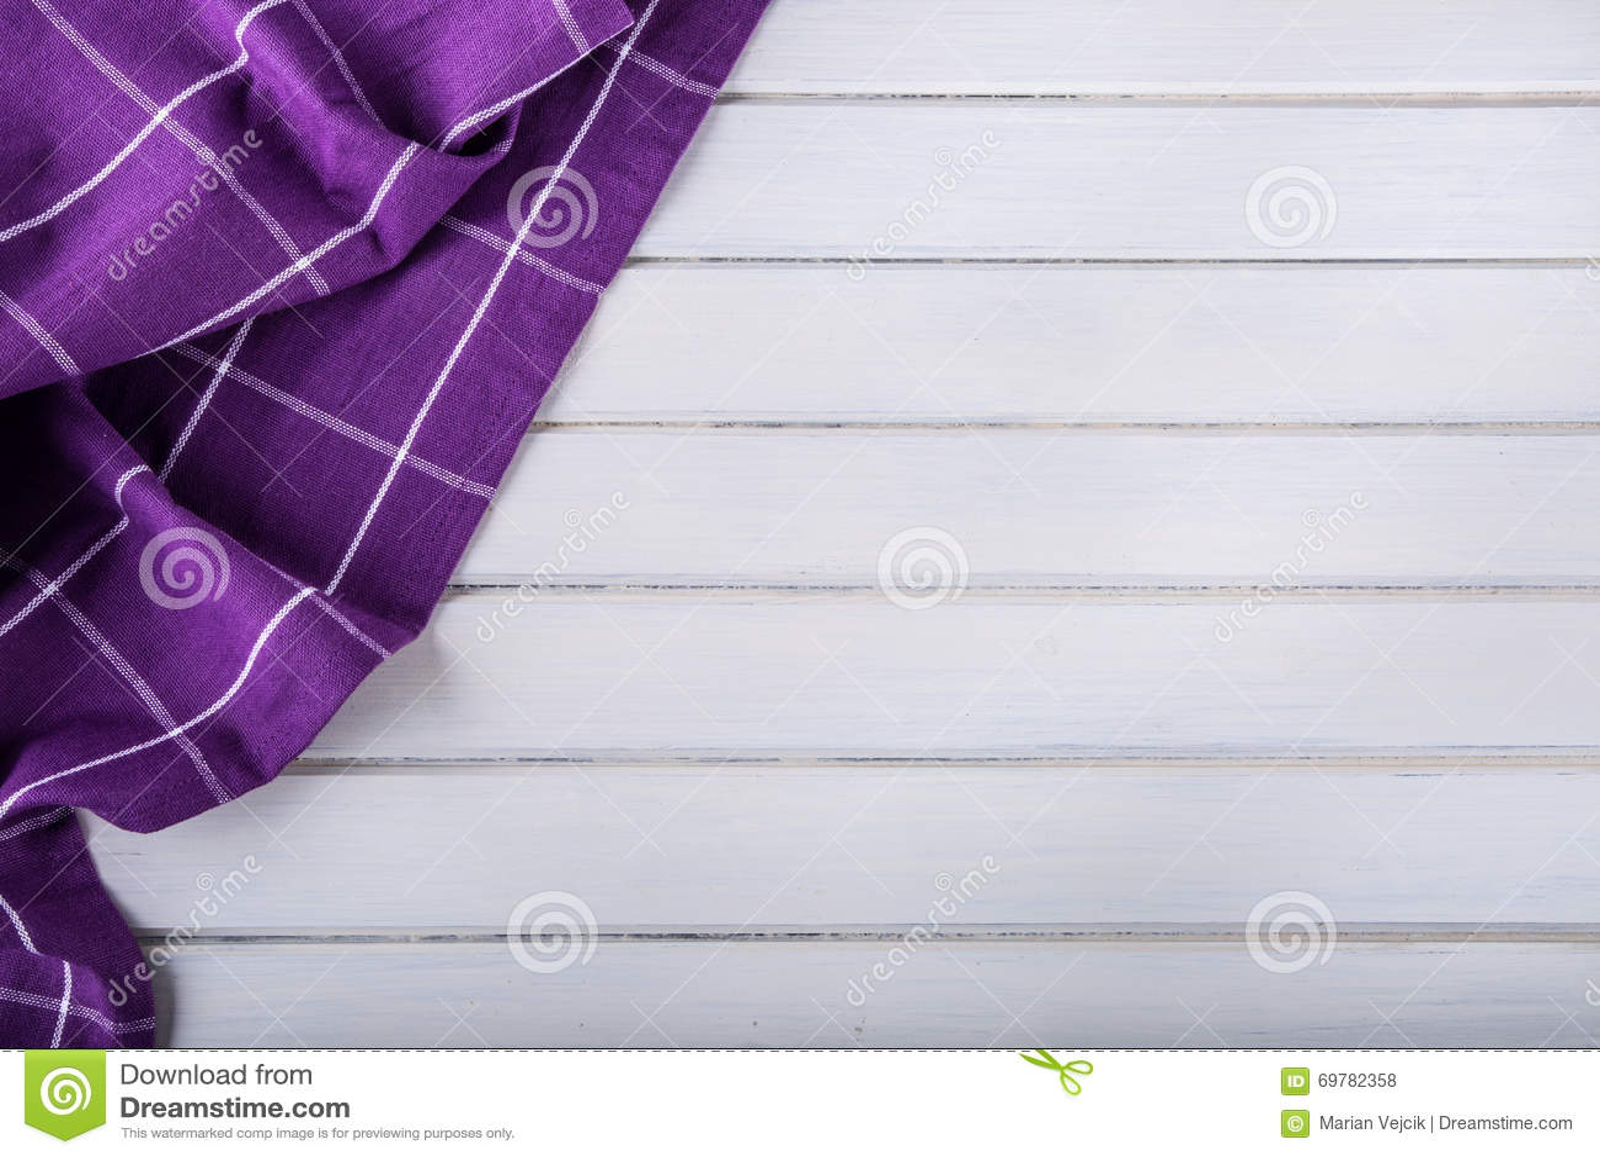 Bästa sikt av den purpurfärgade bordduken för rutigt kök på betong ...